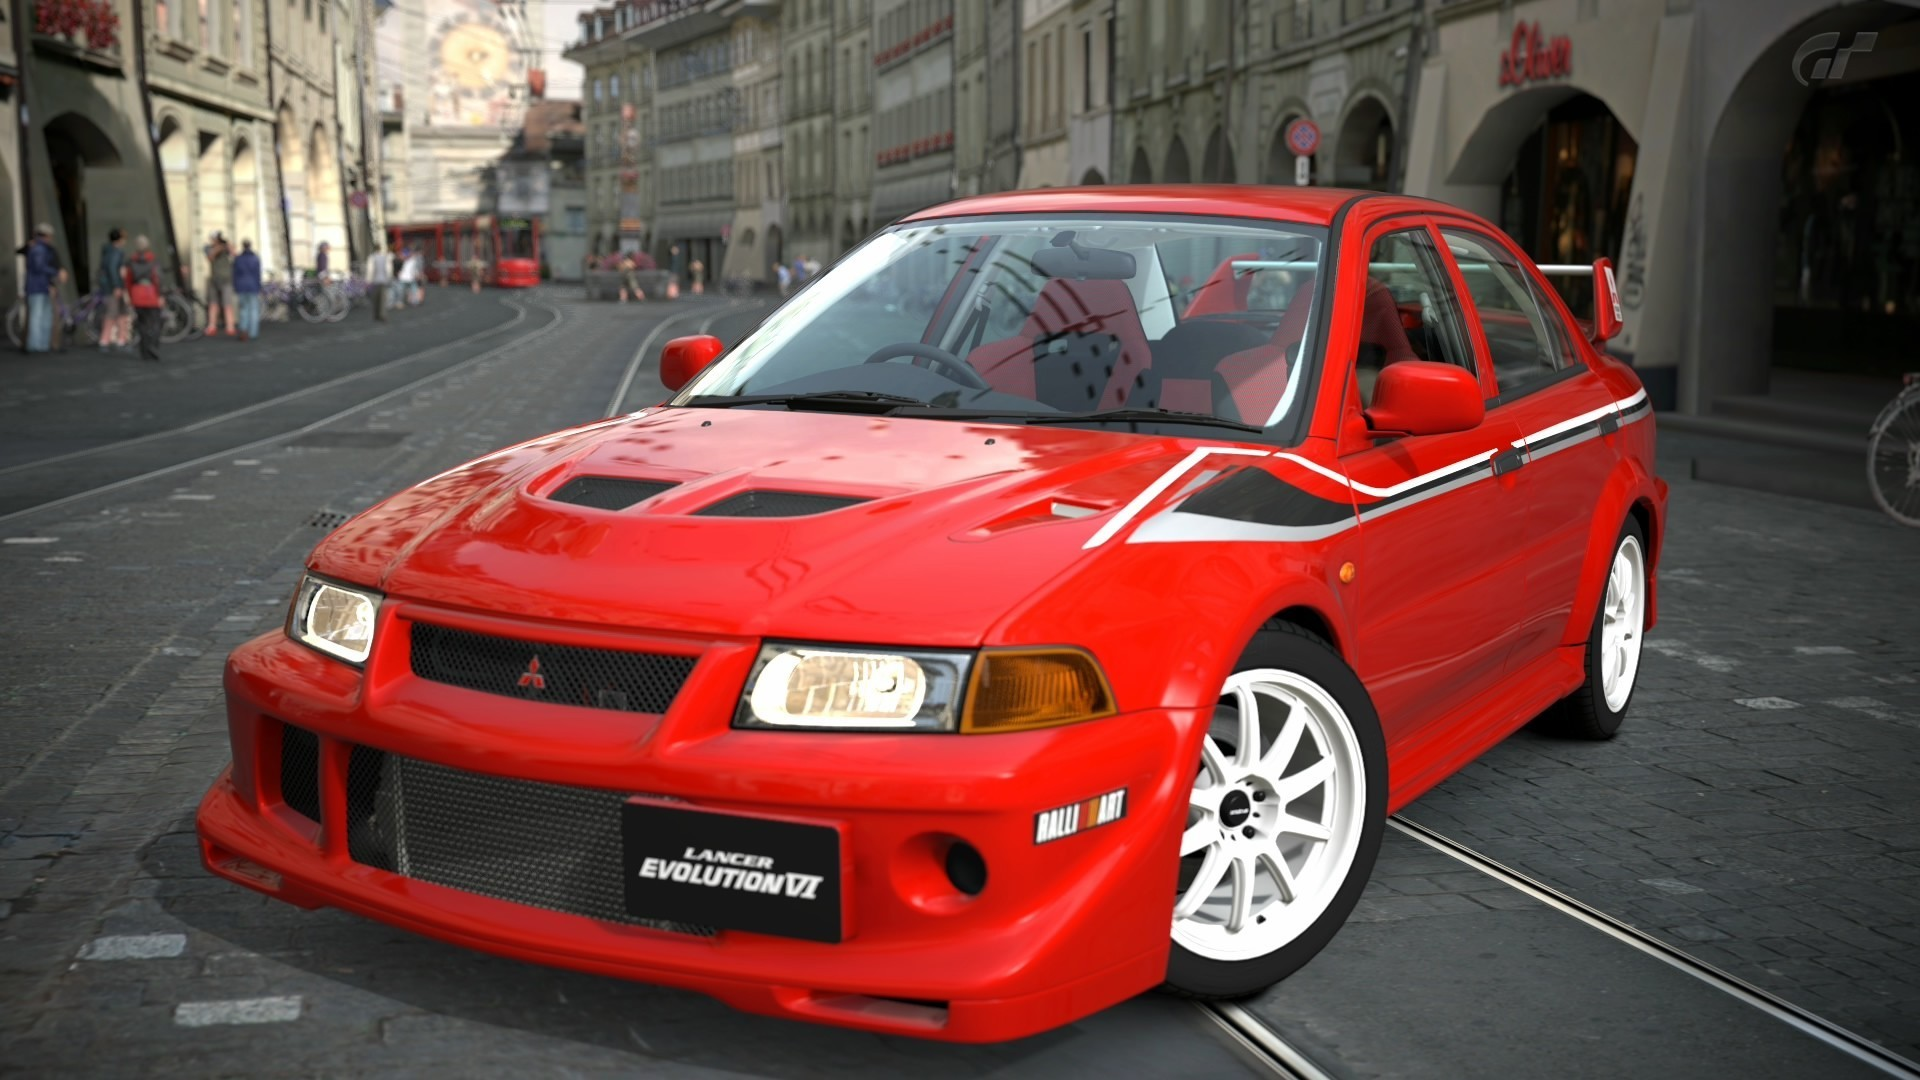 Mitsubishi Lancer Evolution Hd Wallpaper 1080p For Desktop